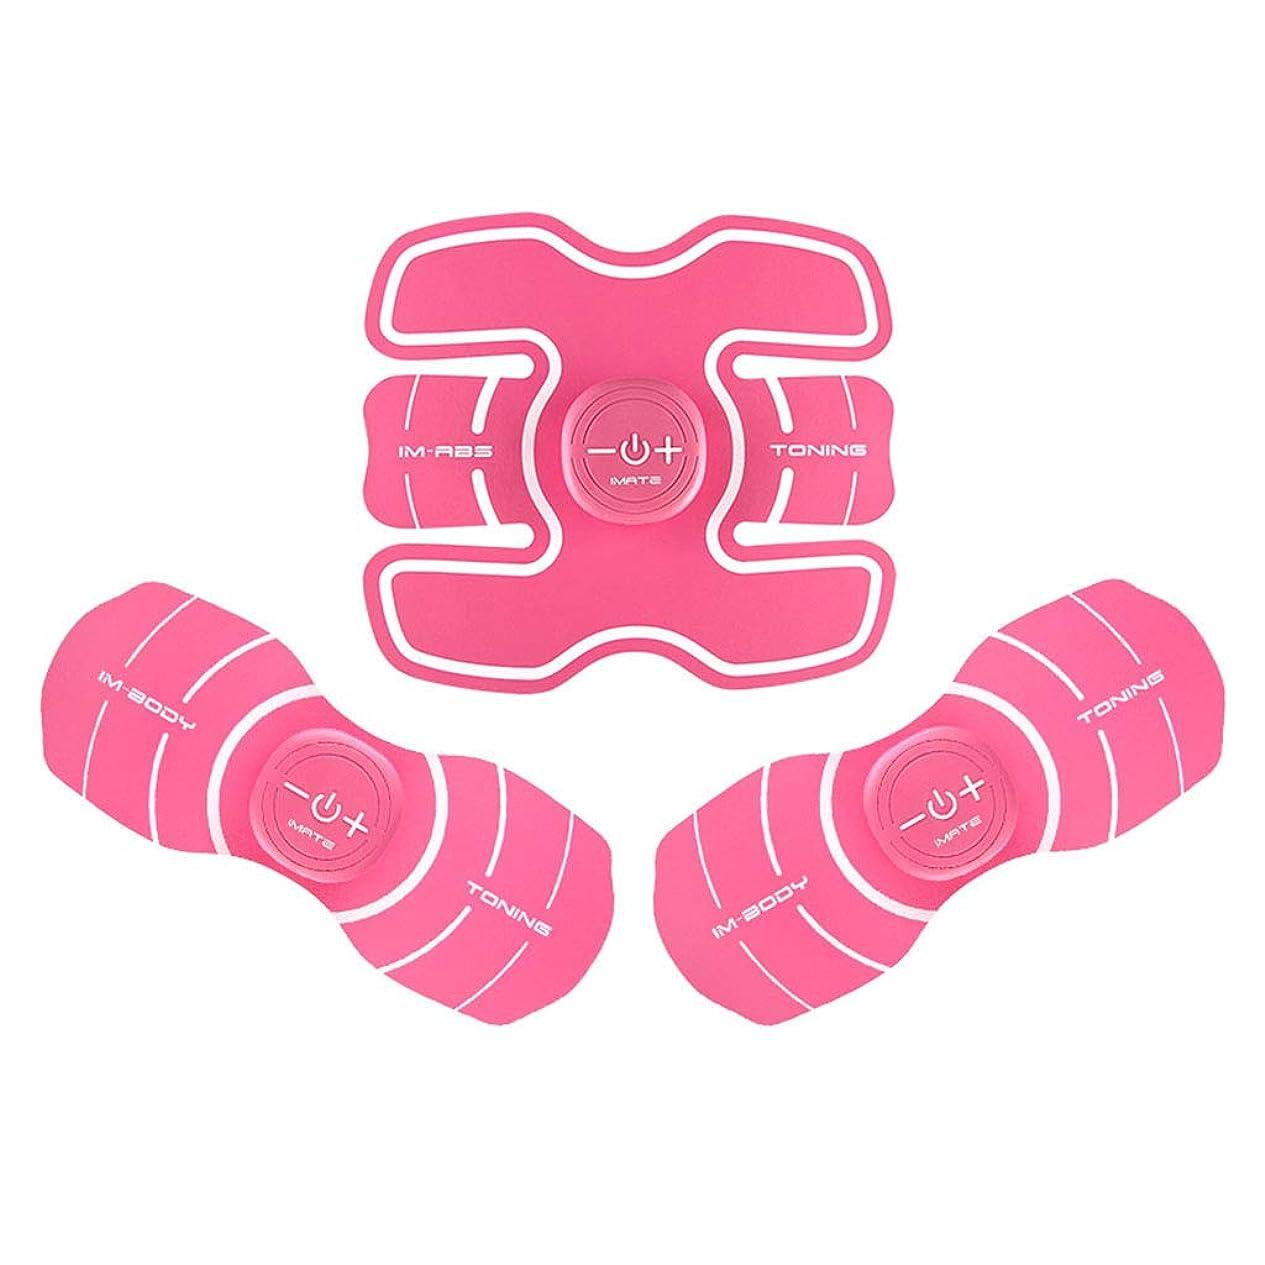 シェフ困惑お世話になったフィットネス薄いベルト、腹筋トレーナーボディービル腹部ベルトレイジーボディシェーピング筋肉刺激装置ホームオフィスレディース減量機器トレーナー腹サポートベルトジムトレーニングエクササイズマシン (Color : PINK, Size : 46.5*46.5*14.5CM)